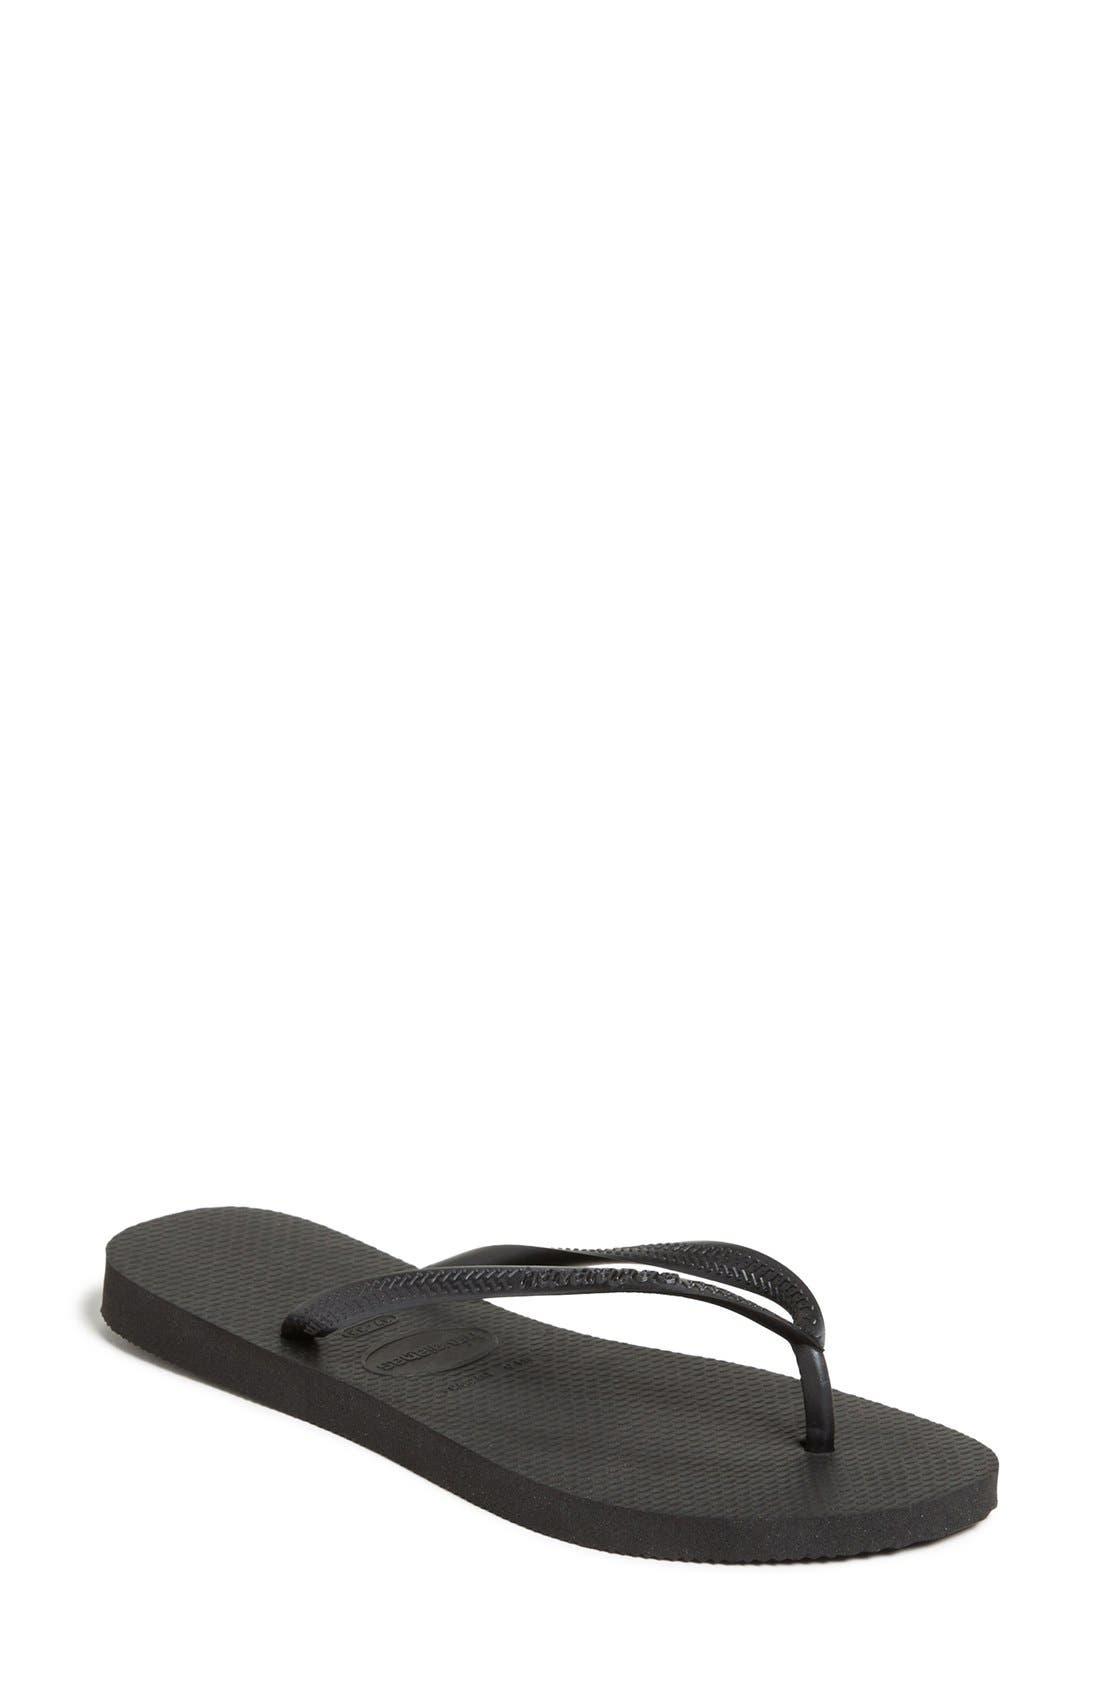 HAVAIANAS Women'S Slim Metallic Flip Flops Women'S Shoes in Black